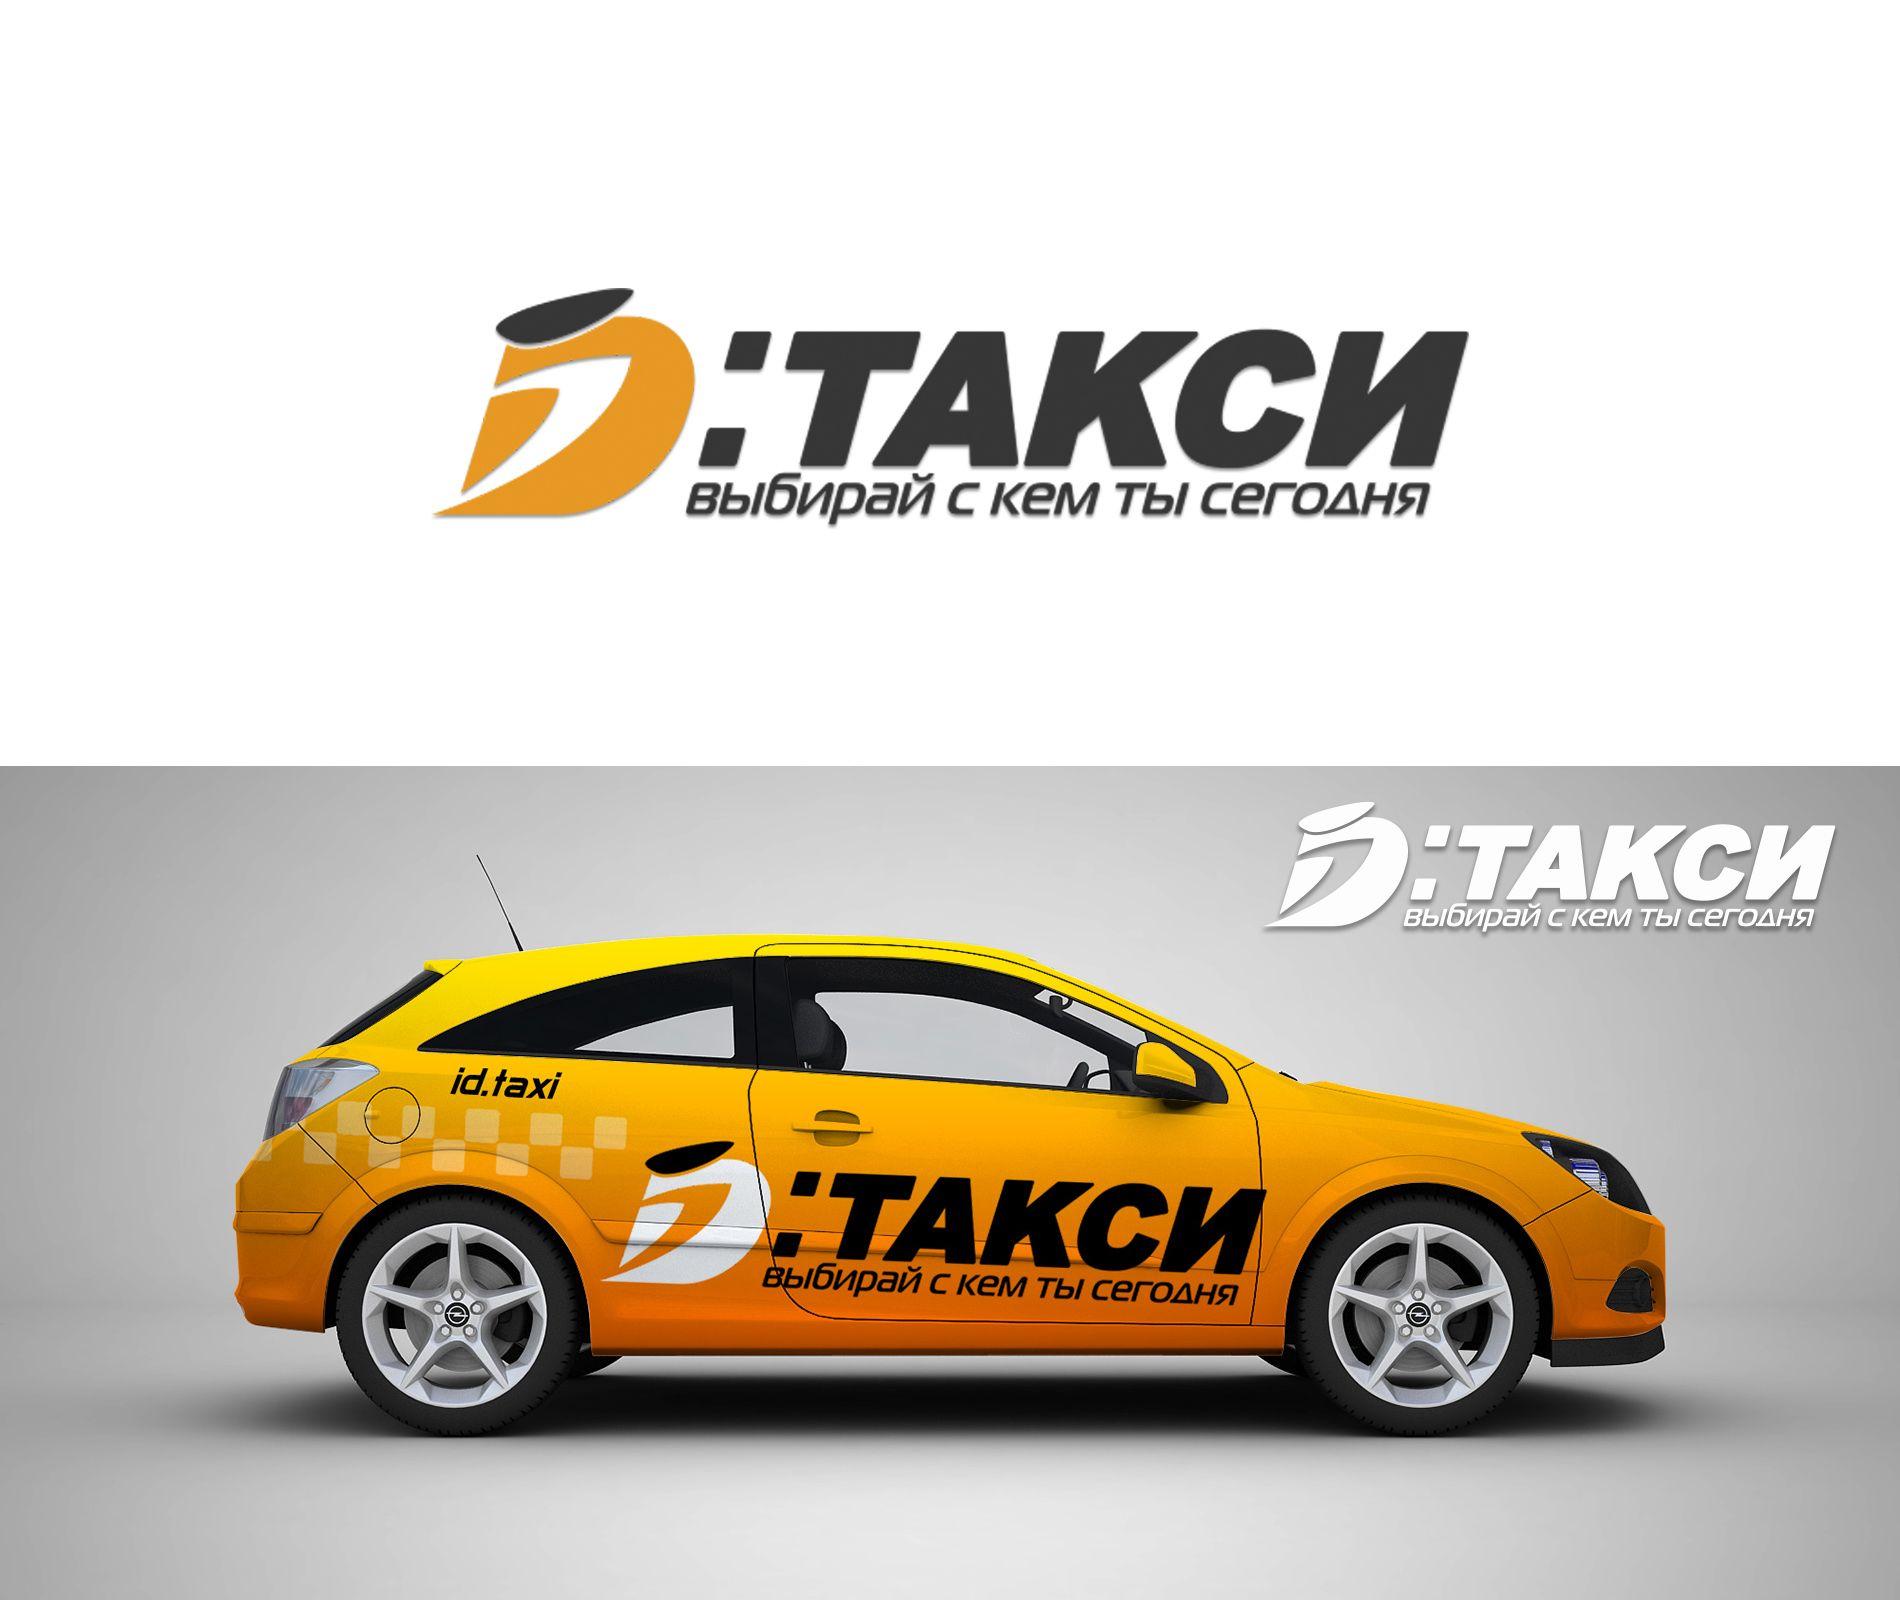 Лого и фирменный стиль для iD Такси - дизайнер La_persona